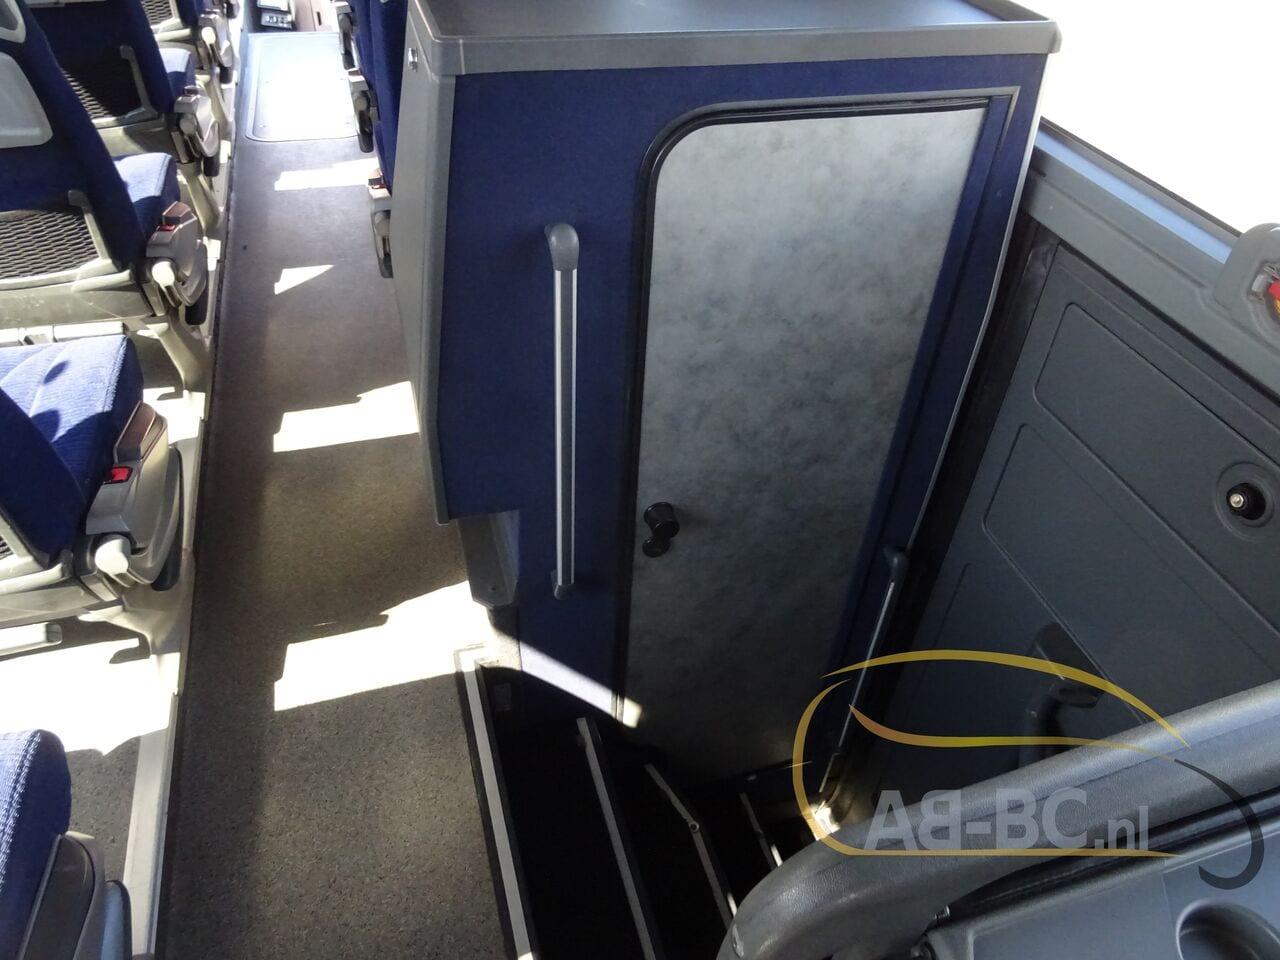 coach-busSETRA-S415-GT-HD-FINAL-EDITION-51-SEATS-LIFTBUS---1620382128402248160_big_1f328ebc91f260b425c03053d65a3c4b--21050713010665719300